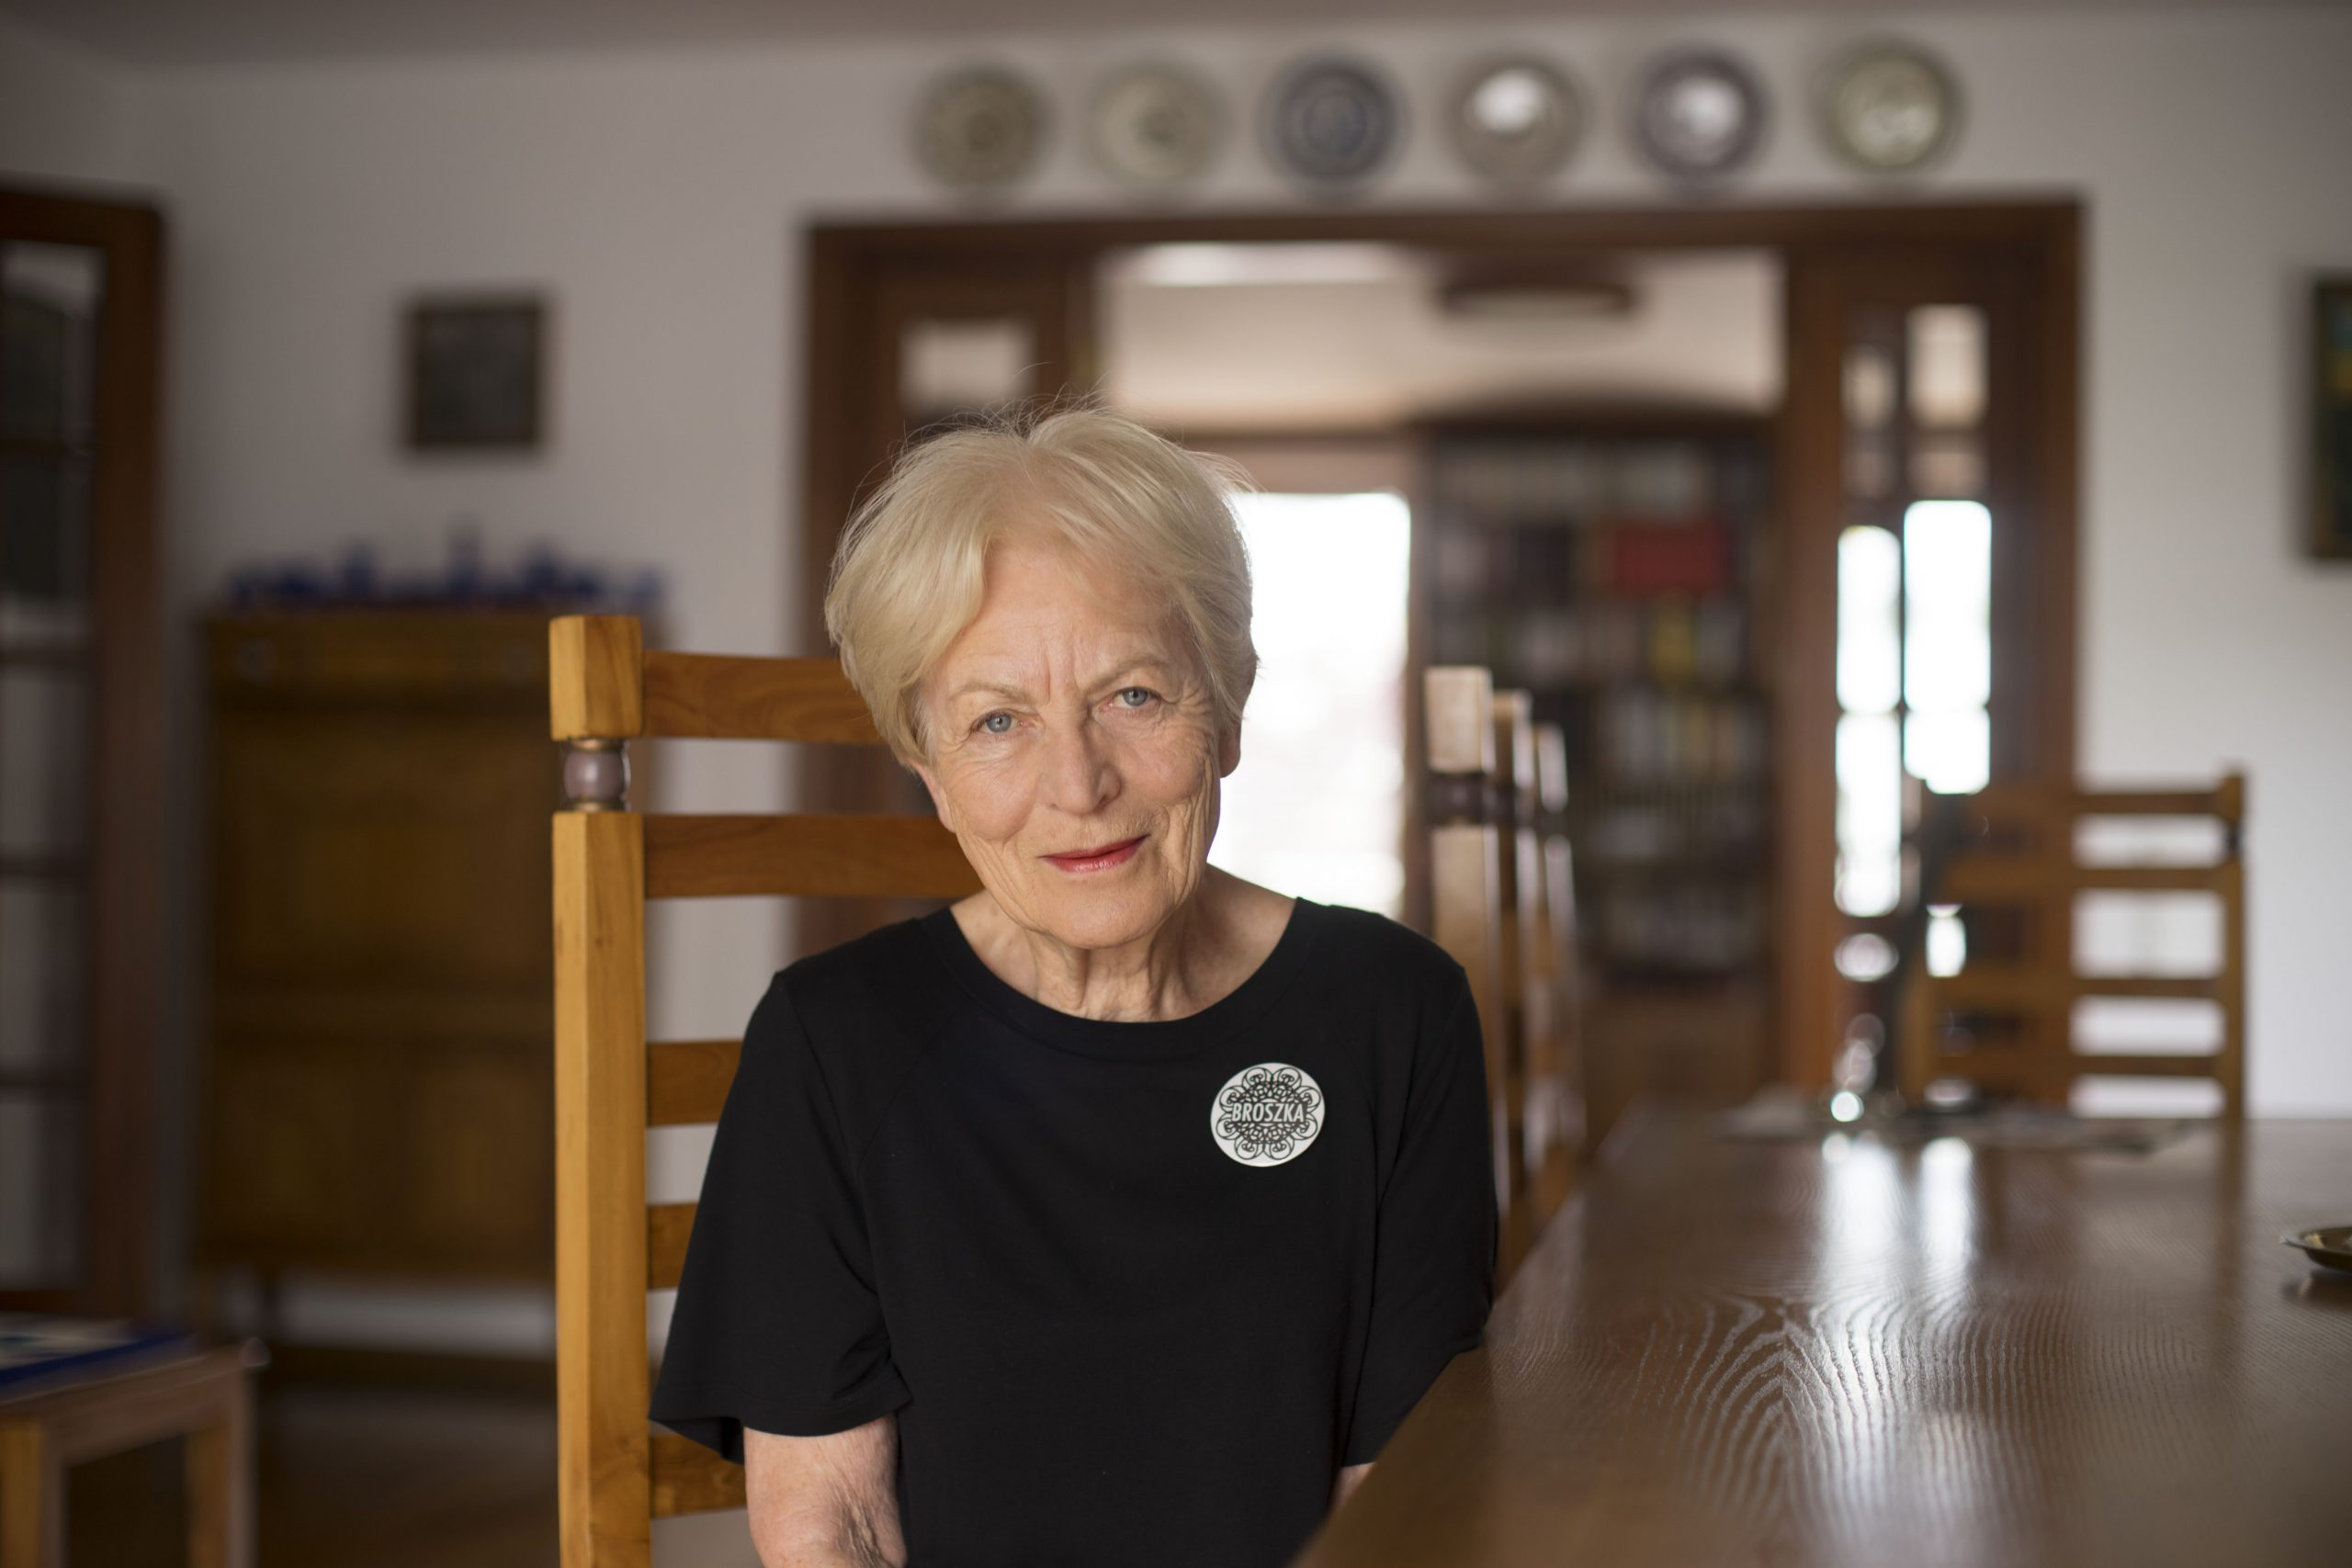 Malgorzata Szejnert